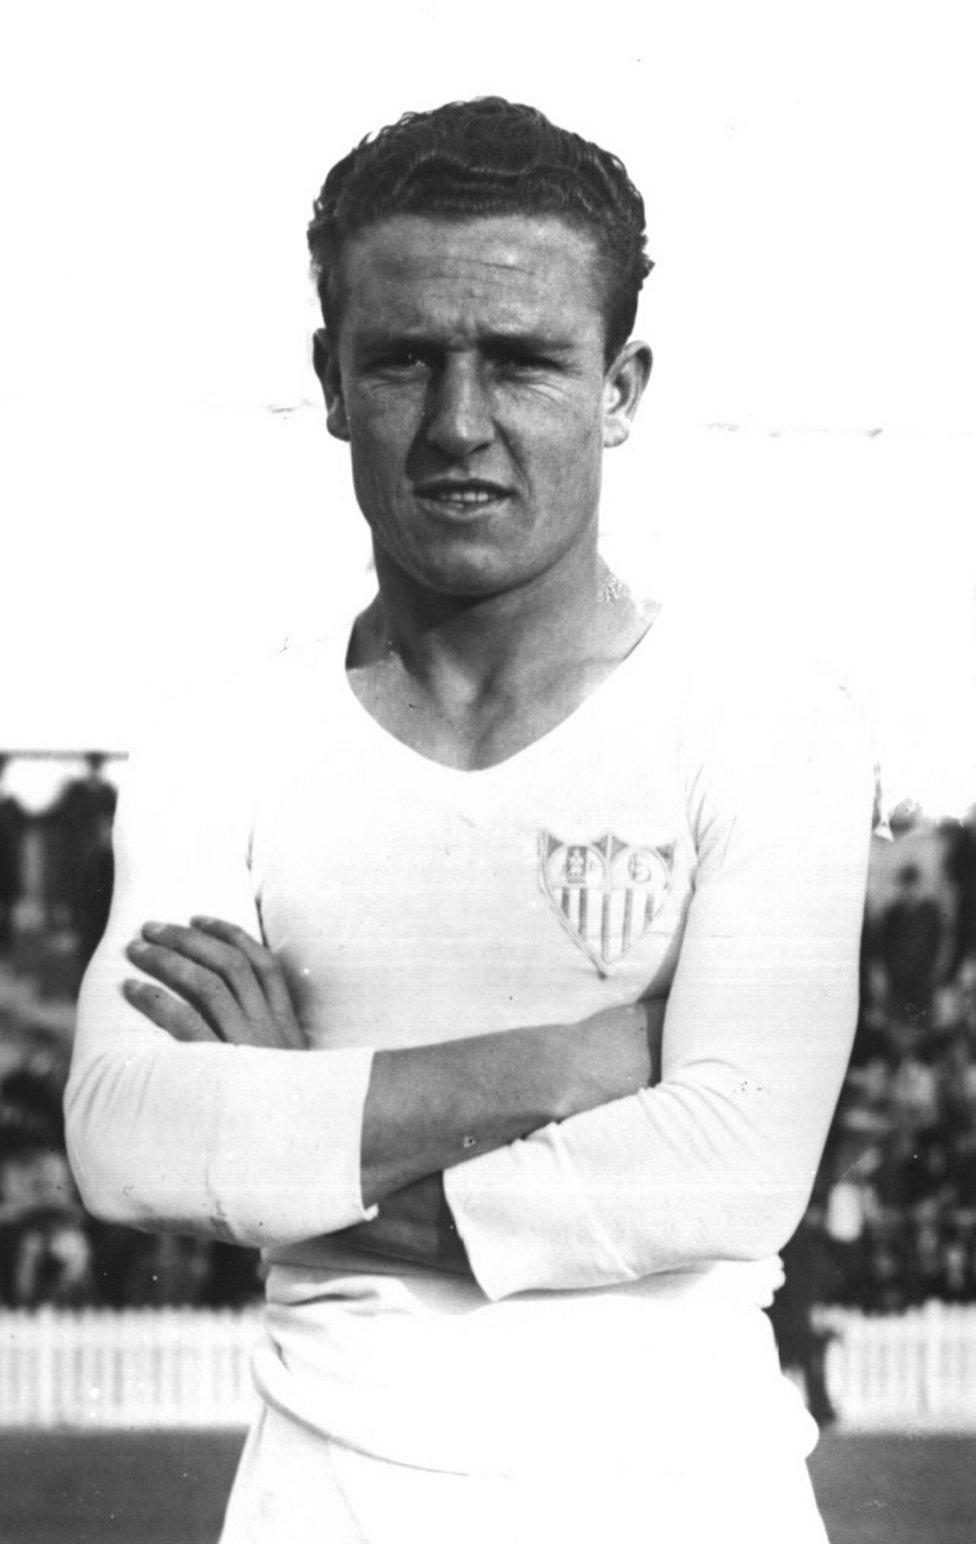 Adolfo Bracero García Vistió la camiseta del Sevilla desde 1934 hasta 1936. Defendió los colores del Real Madrid la temporada 1940-41.